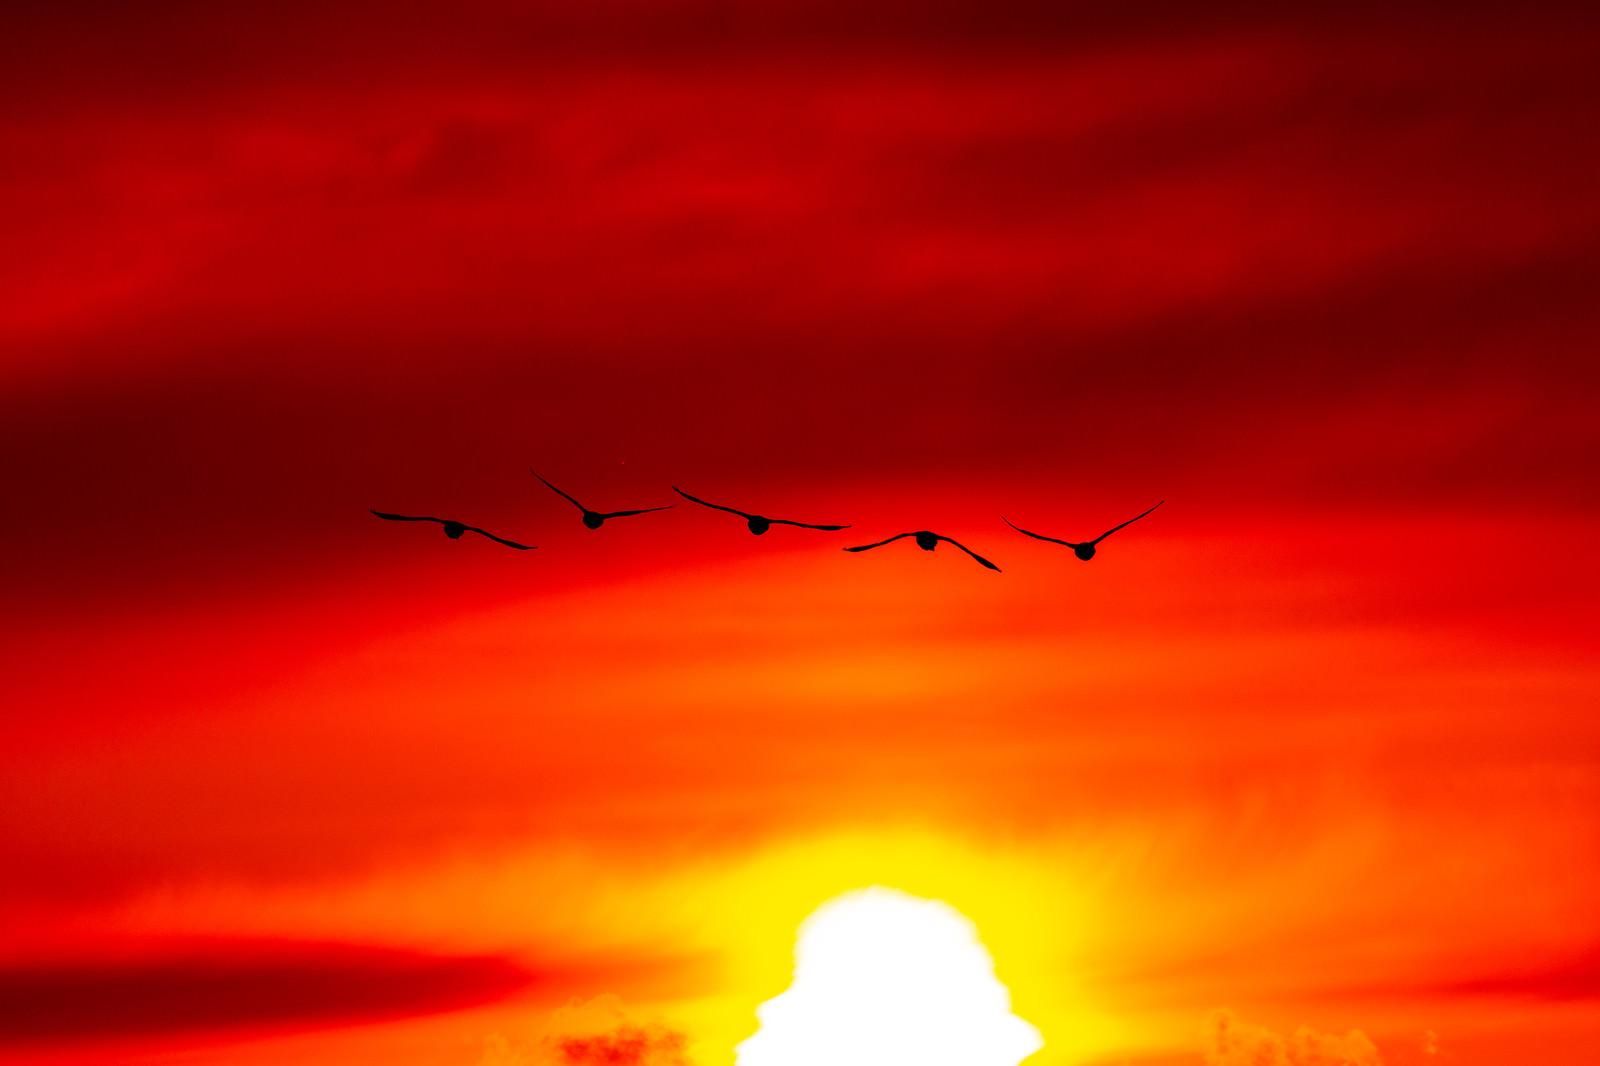 「夕陽に向かい飛ぶ白鳥」の写真